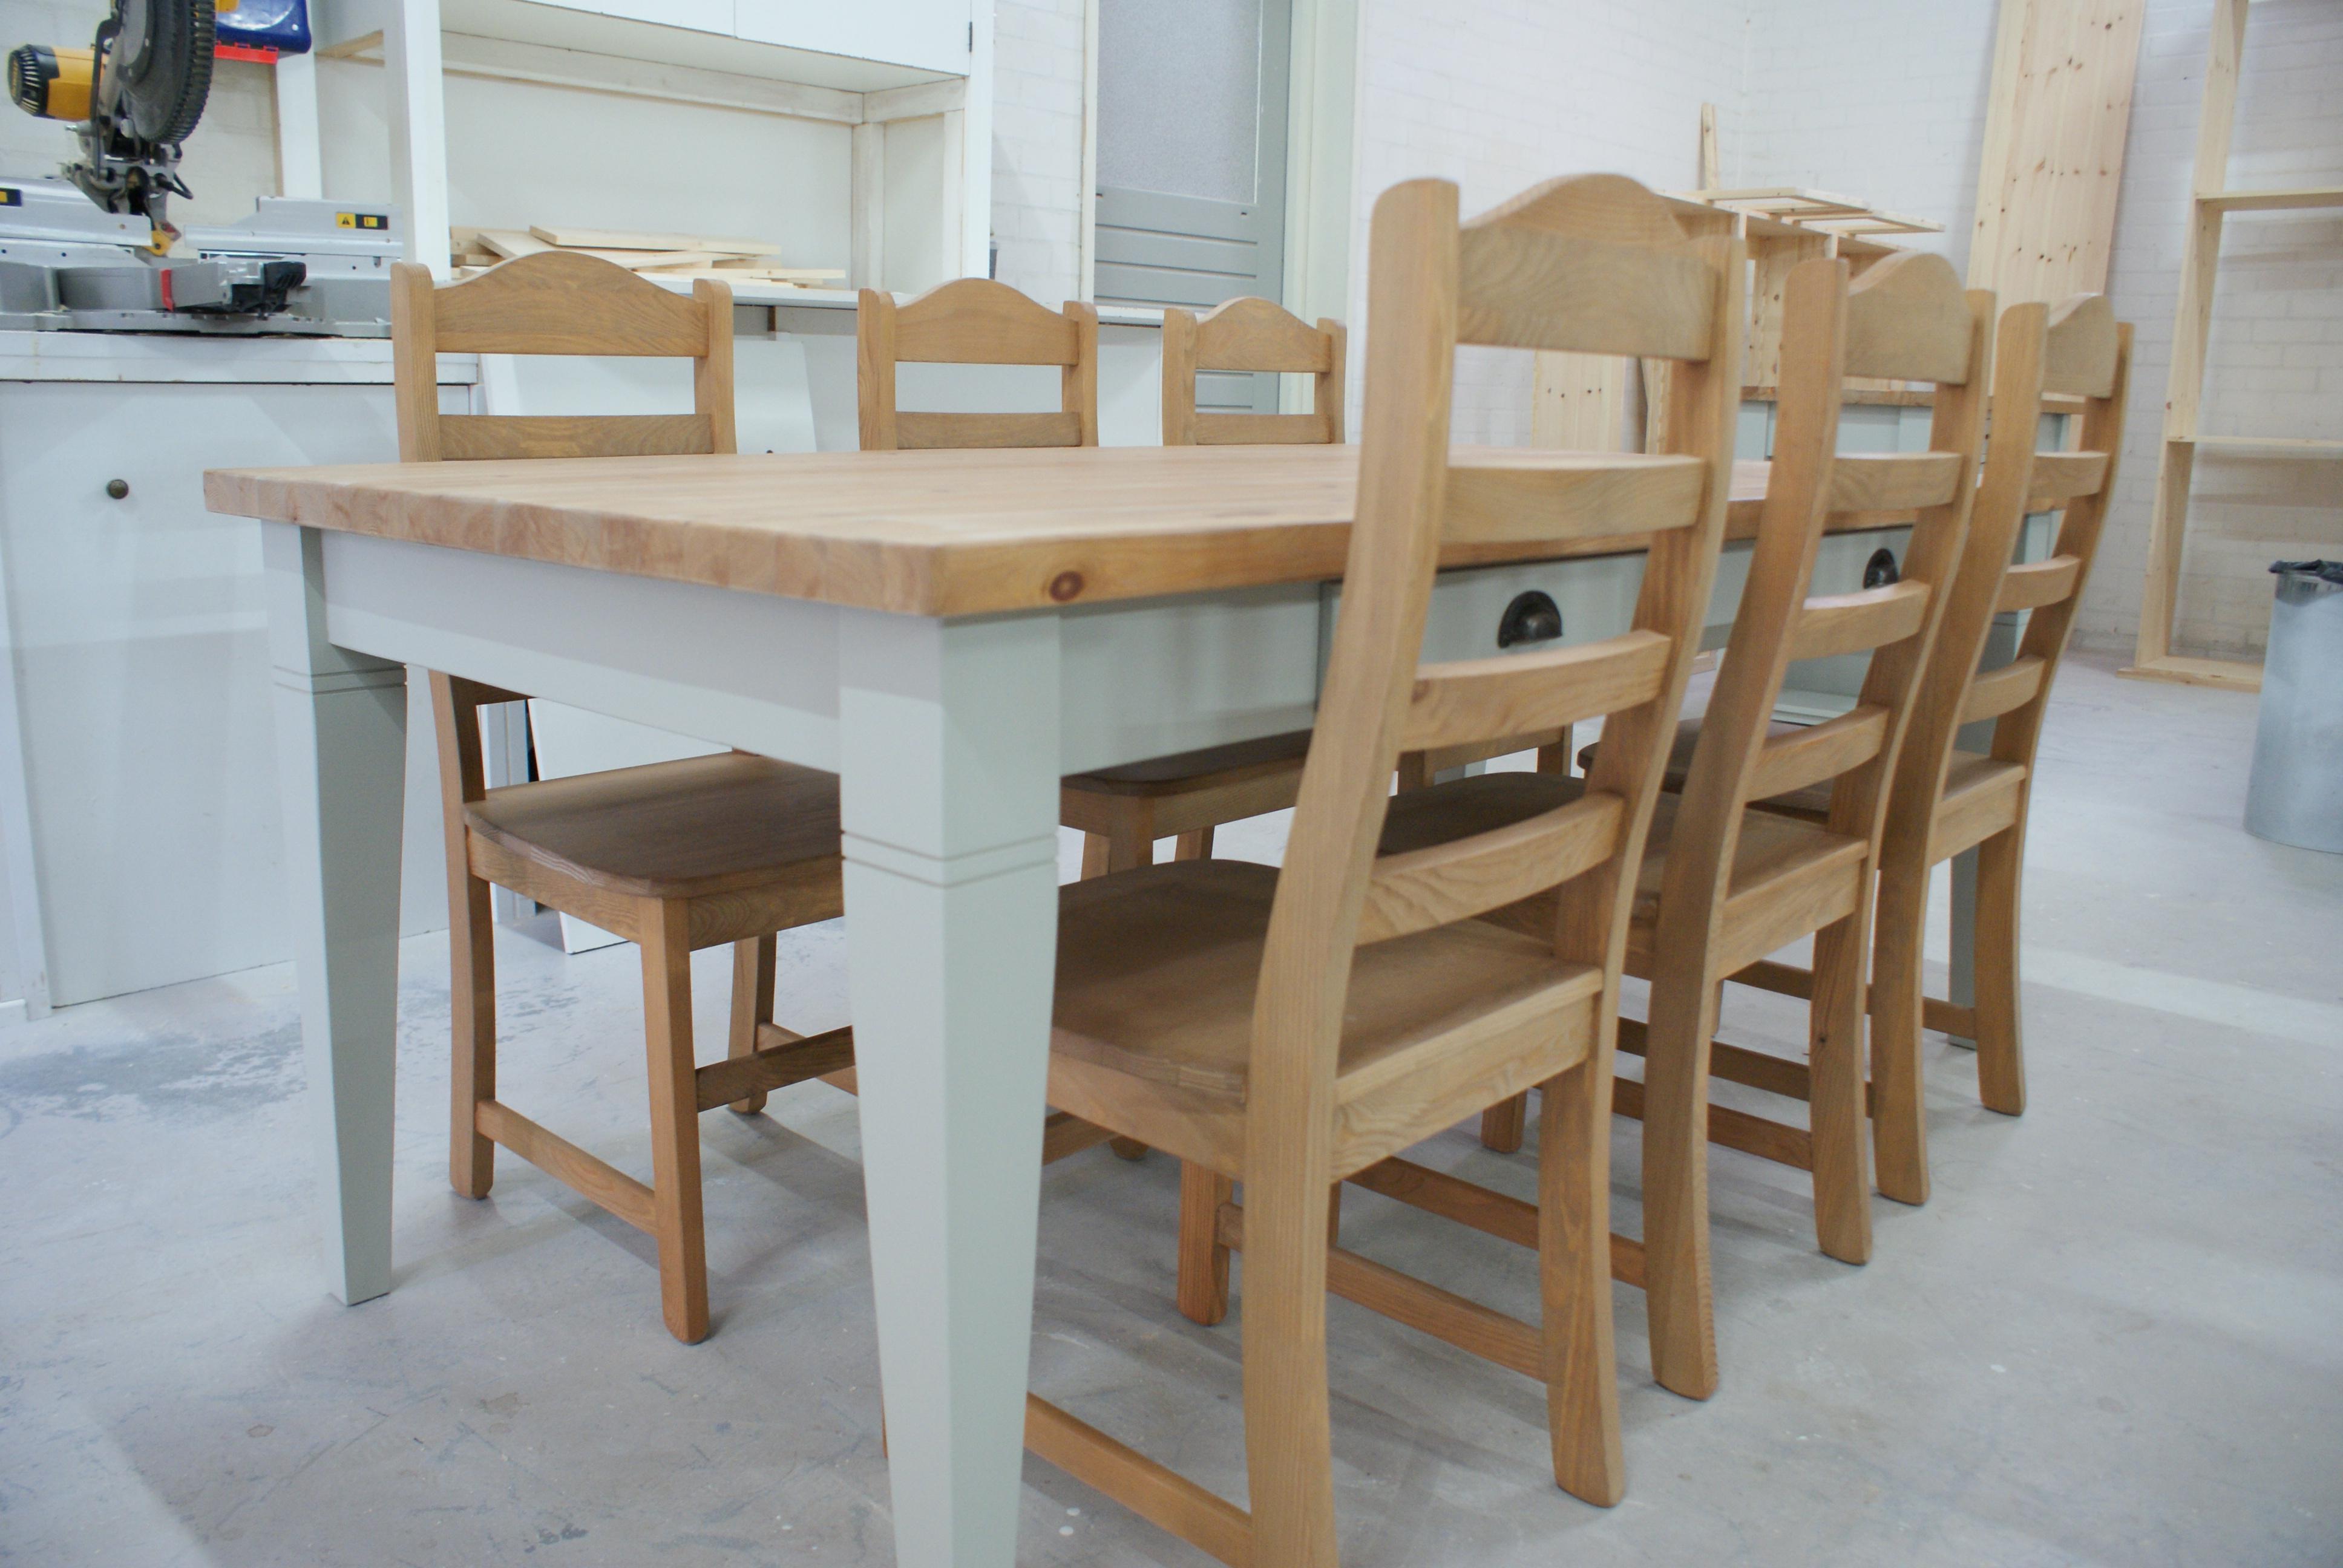 Landelijke tafel en stoelen vindt u bij meubelmakerij de grenenhoeve - Tafel en stoelen dineren ...